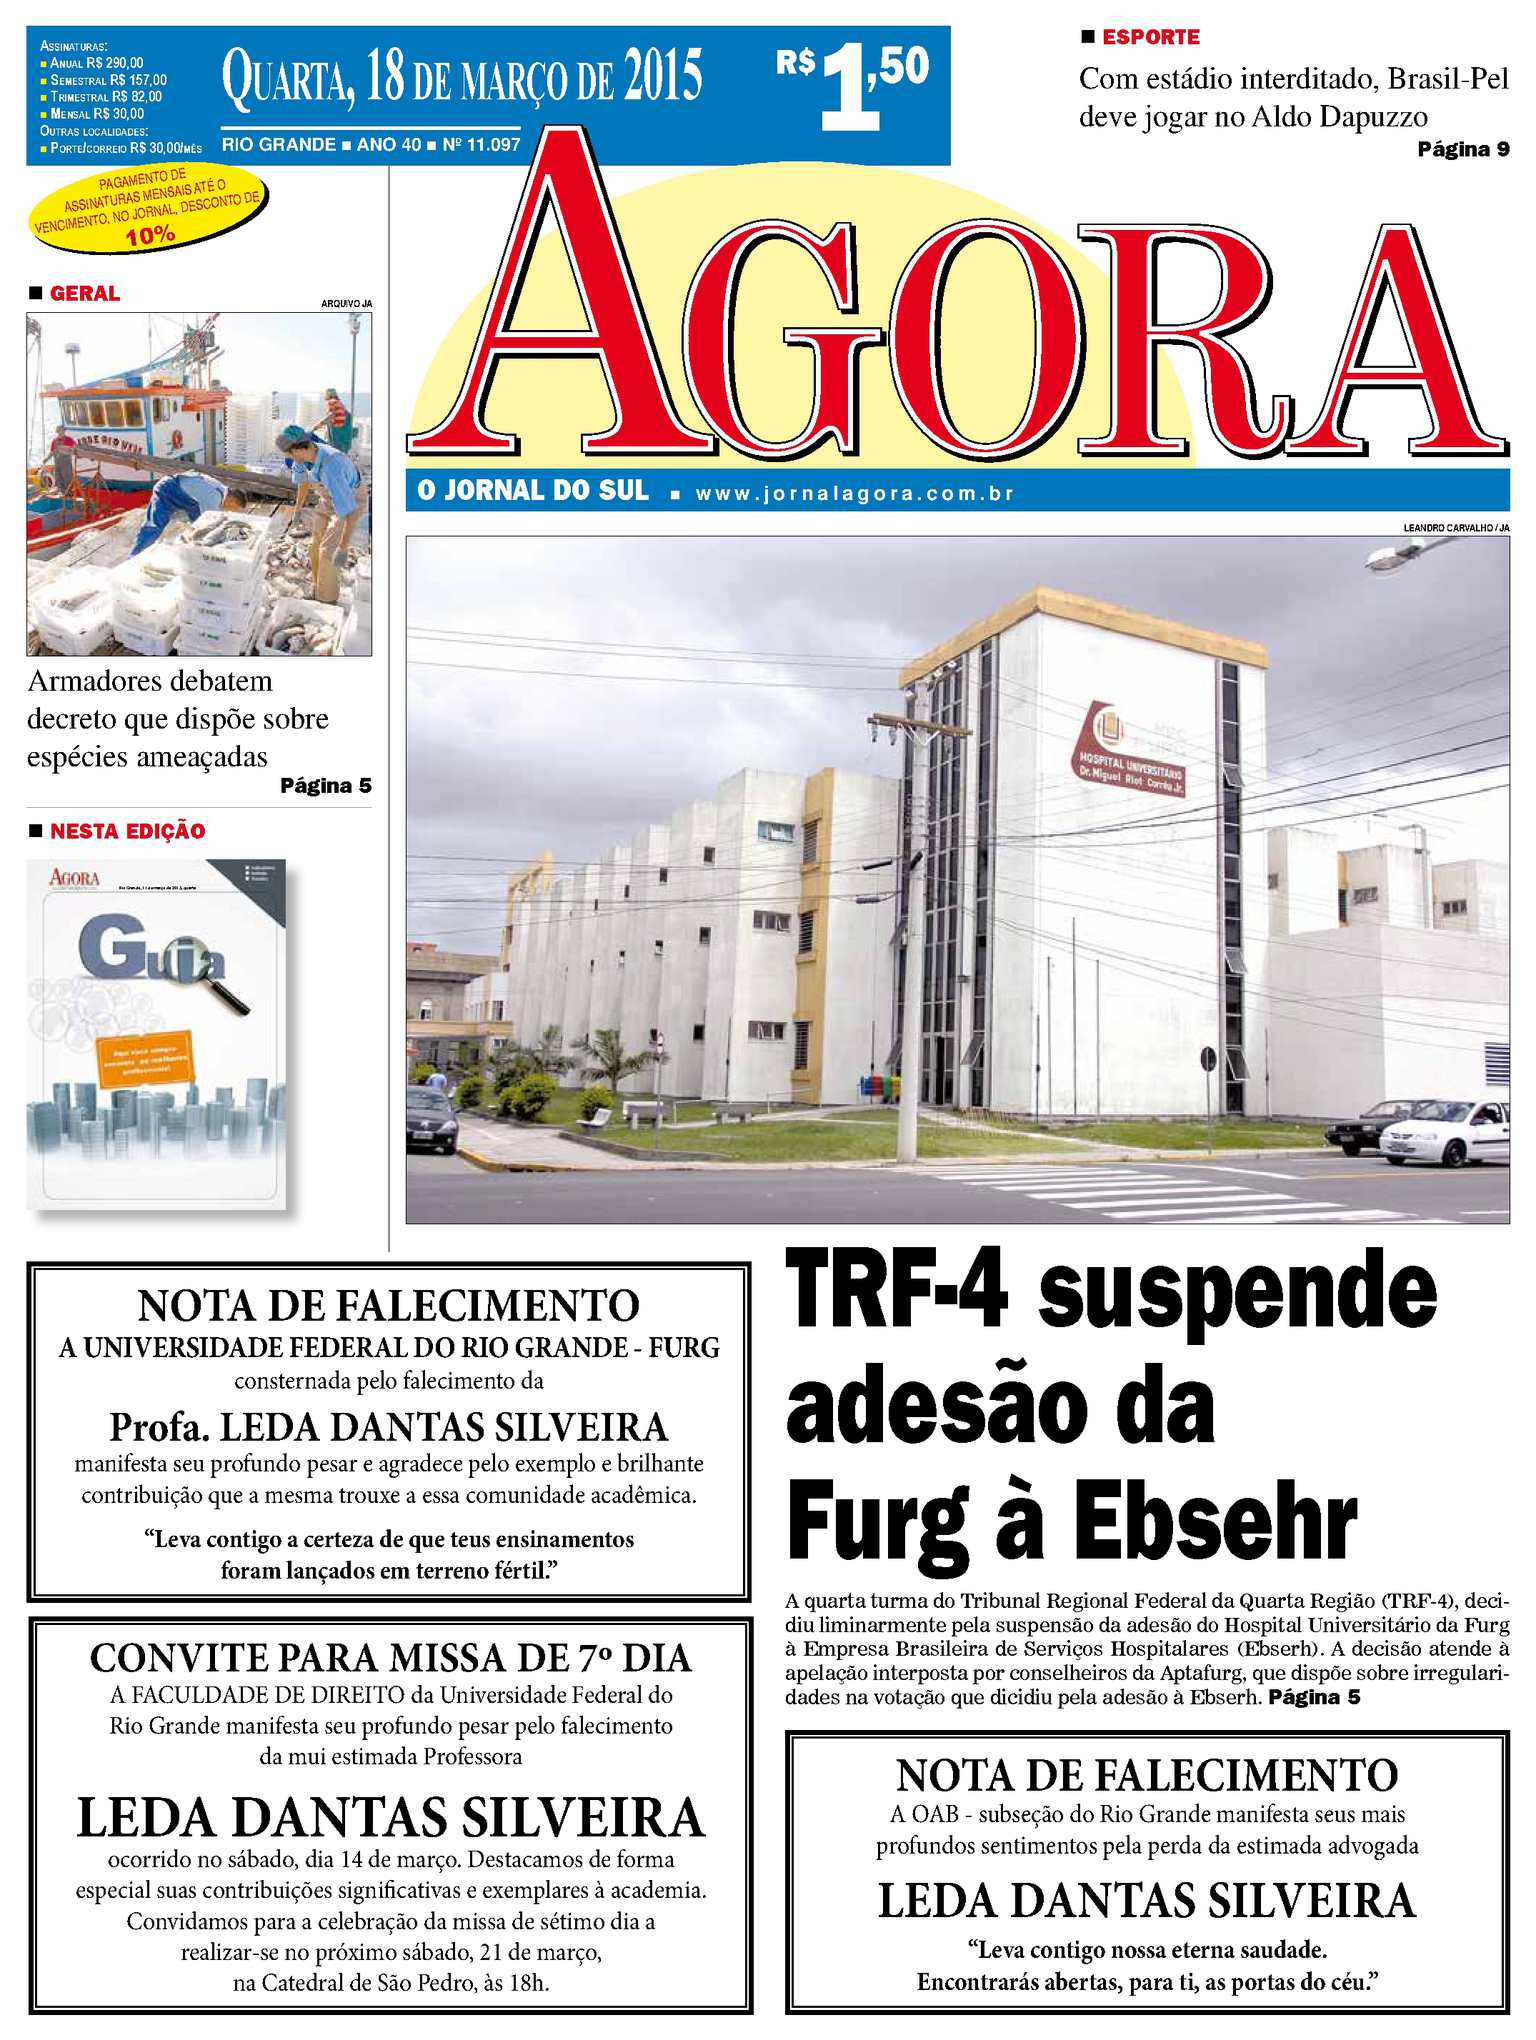 dd2a9a15607 Calaméo - Jornal Agora - Edição 11097 - 18 de Março de 2015